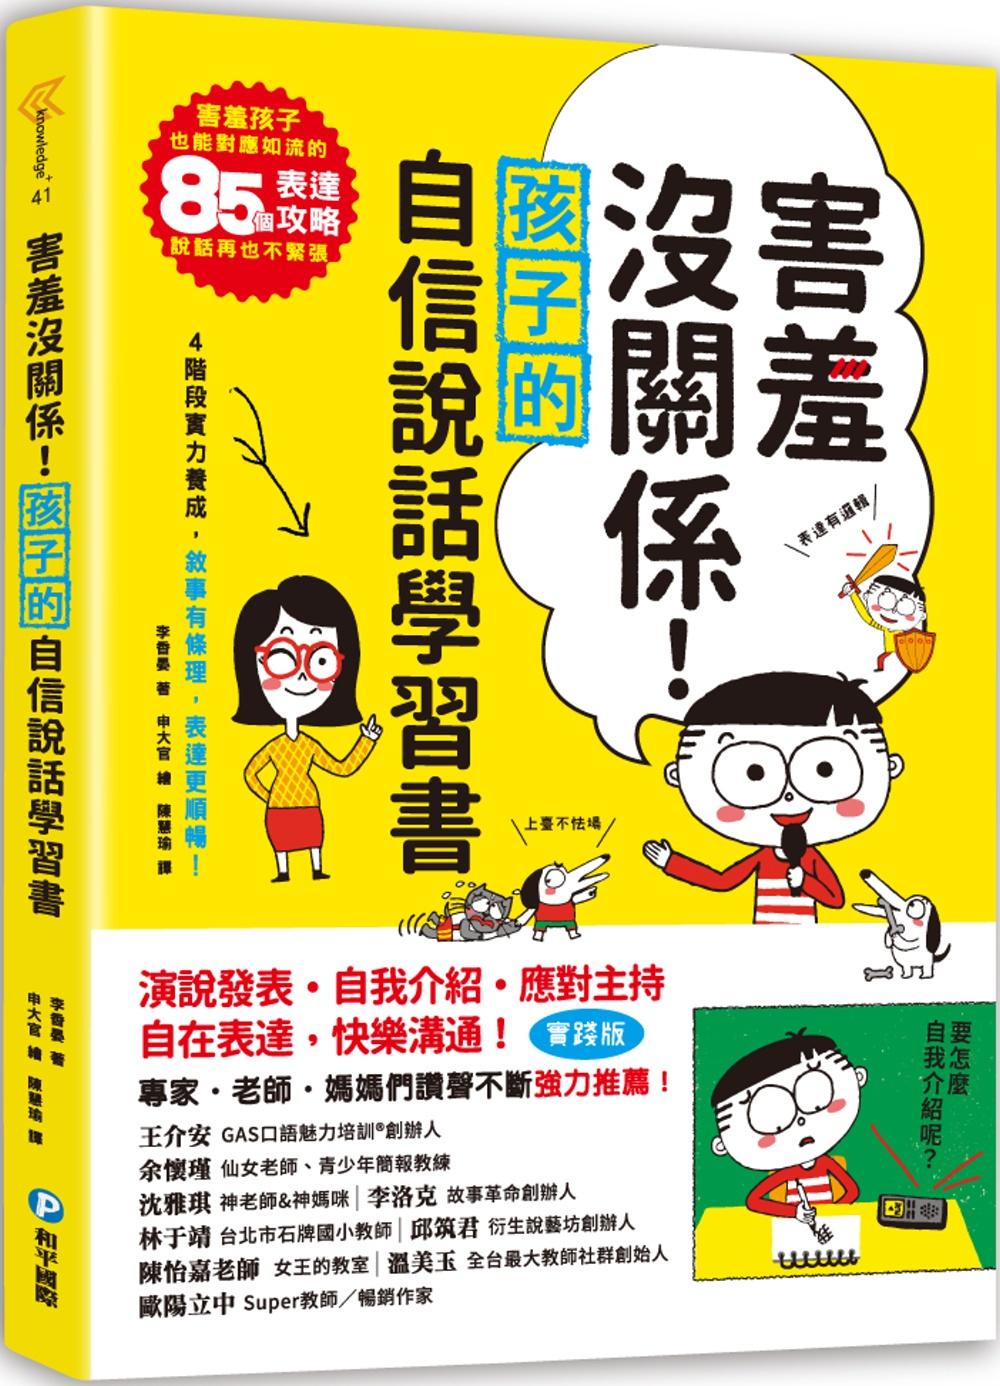 害羞沒關係!孩子的自信說話學習書:害羞孩子也能對應如流的85個表達攻略,說話再也不緊張!四階段實力養成,敘事有條理,表達更順暢!